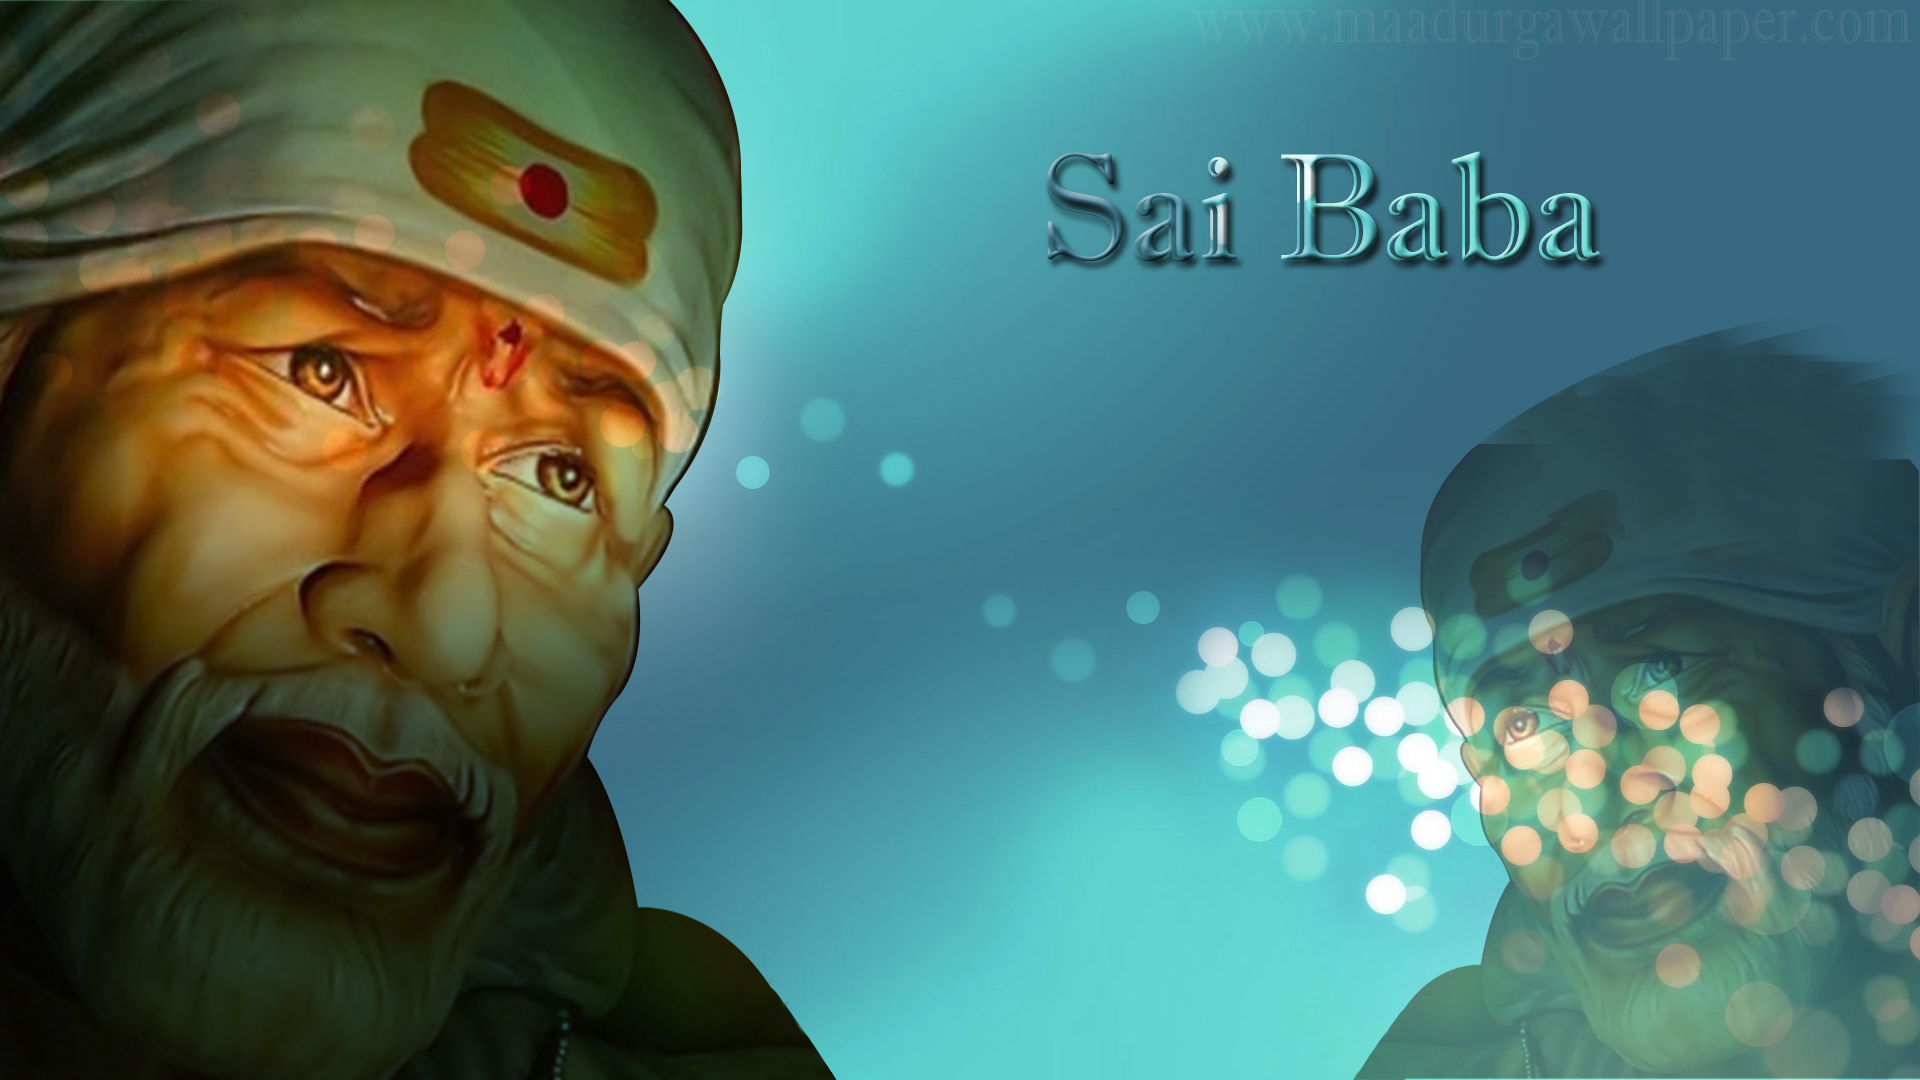 Sai baba 3d hd desktop wallpaper